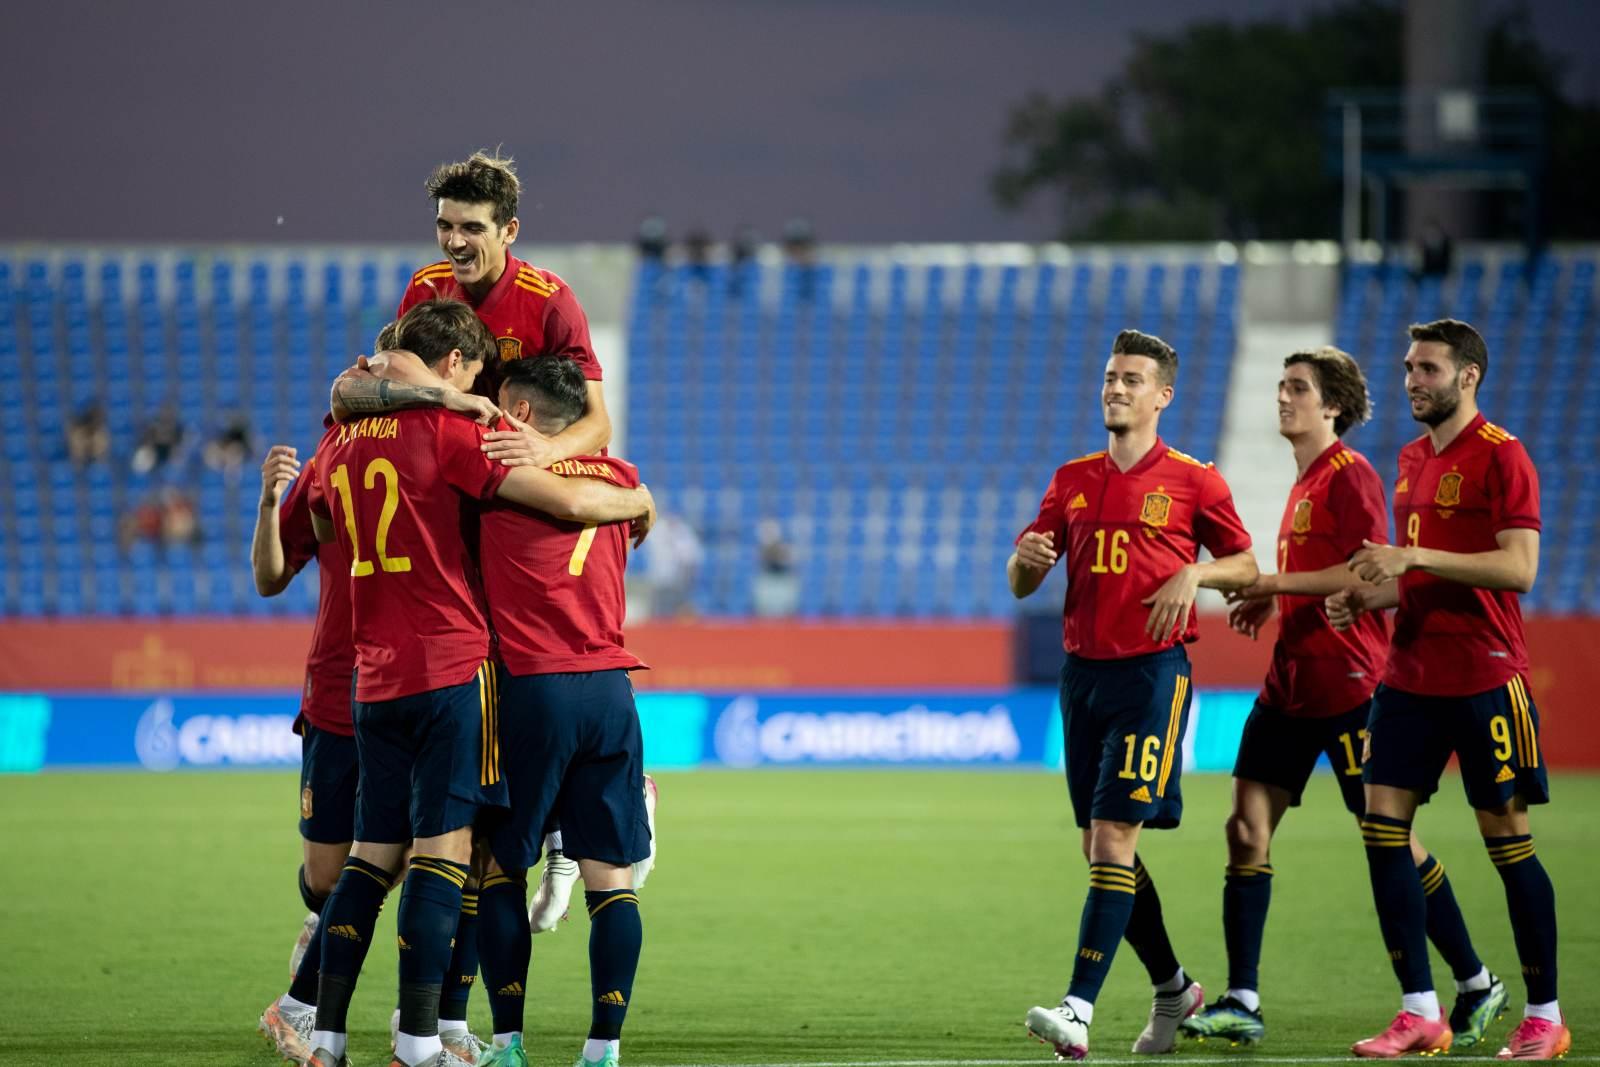 Сборная Испании, проиграв Евро, отправляется за победой на Олимпиаде